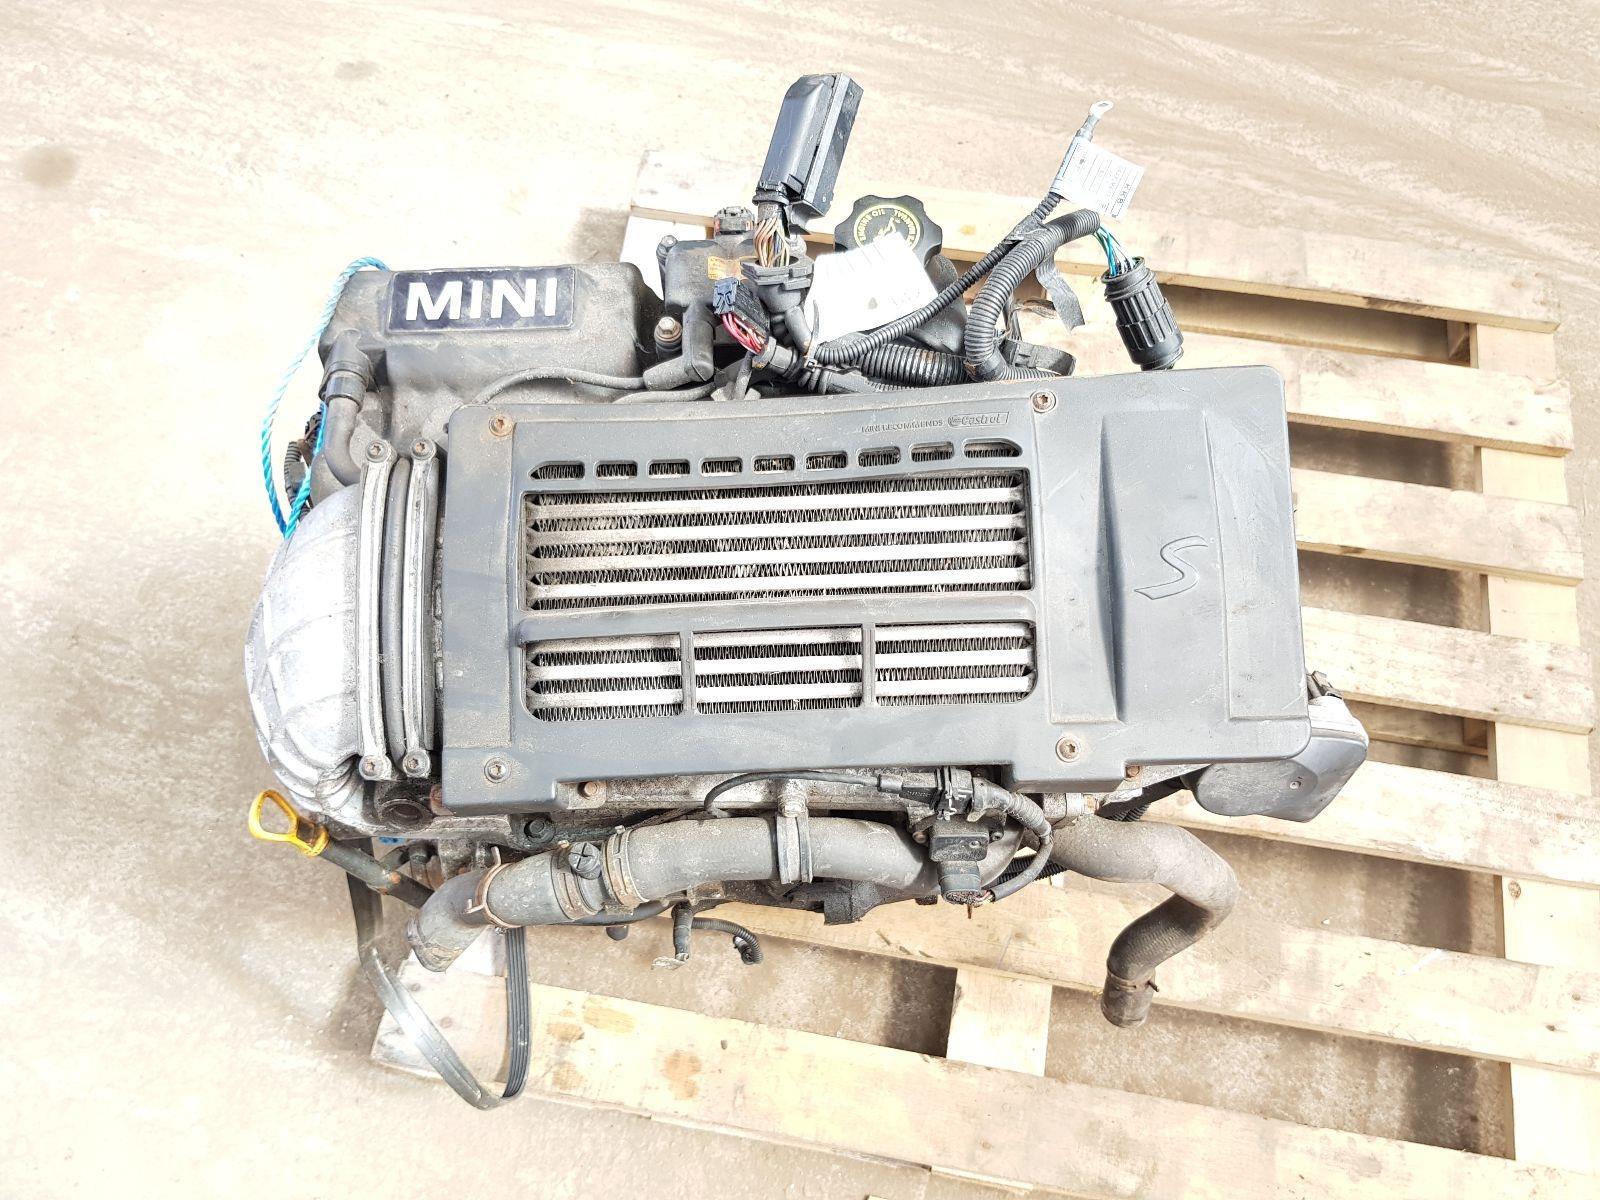 MINI Mini 2001 To 2008 Engine (Petrol / Manual) for sale